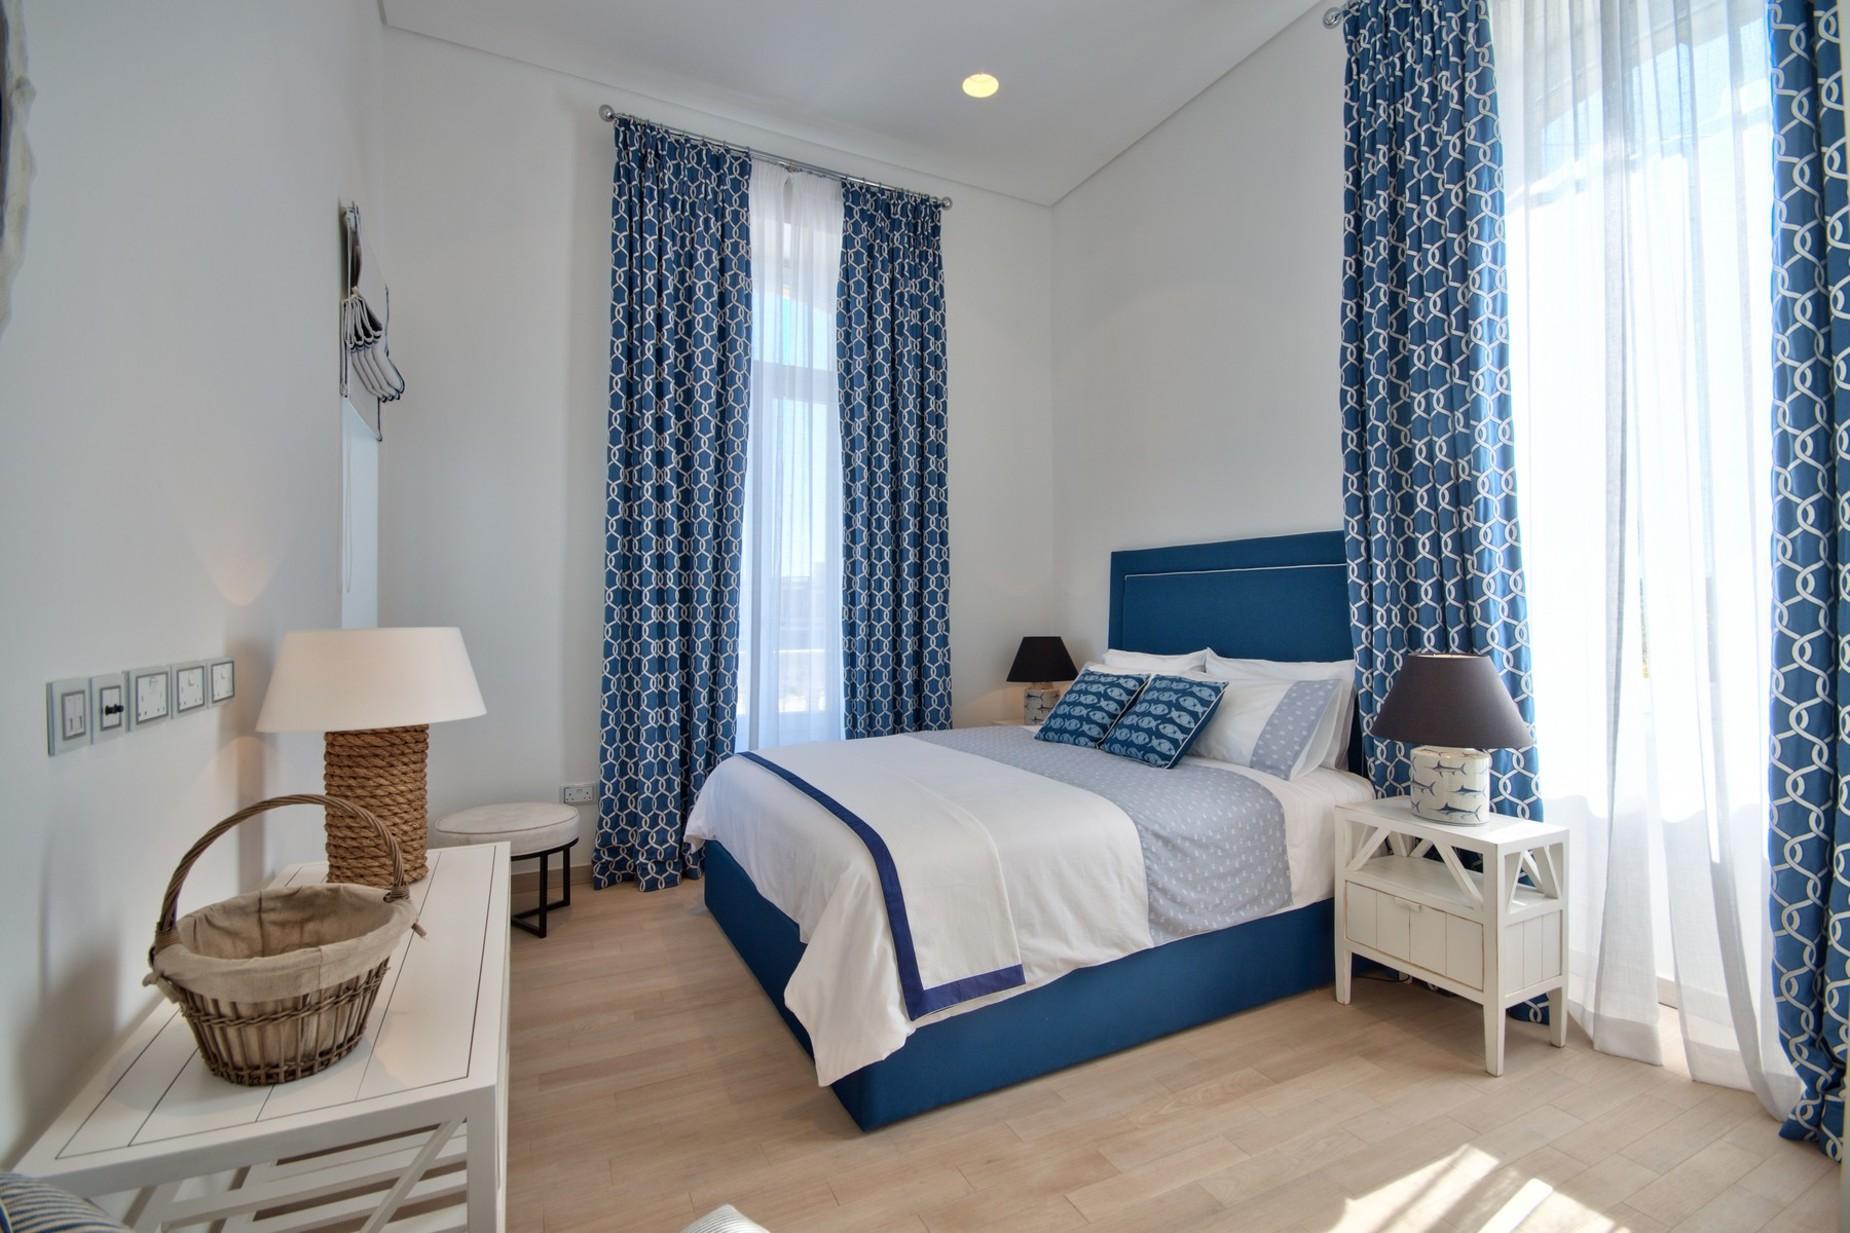 5 bed Villa For Sale in Ta' Xbiex, Ta' Xbiex - thumb 15